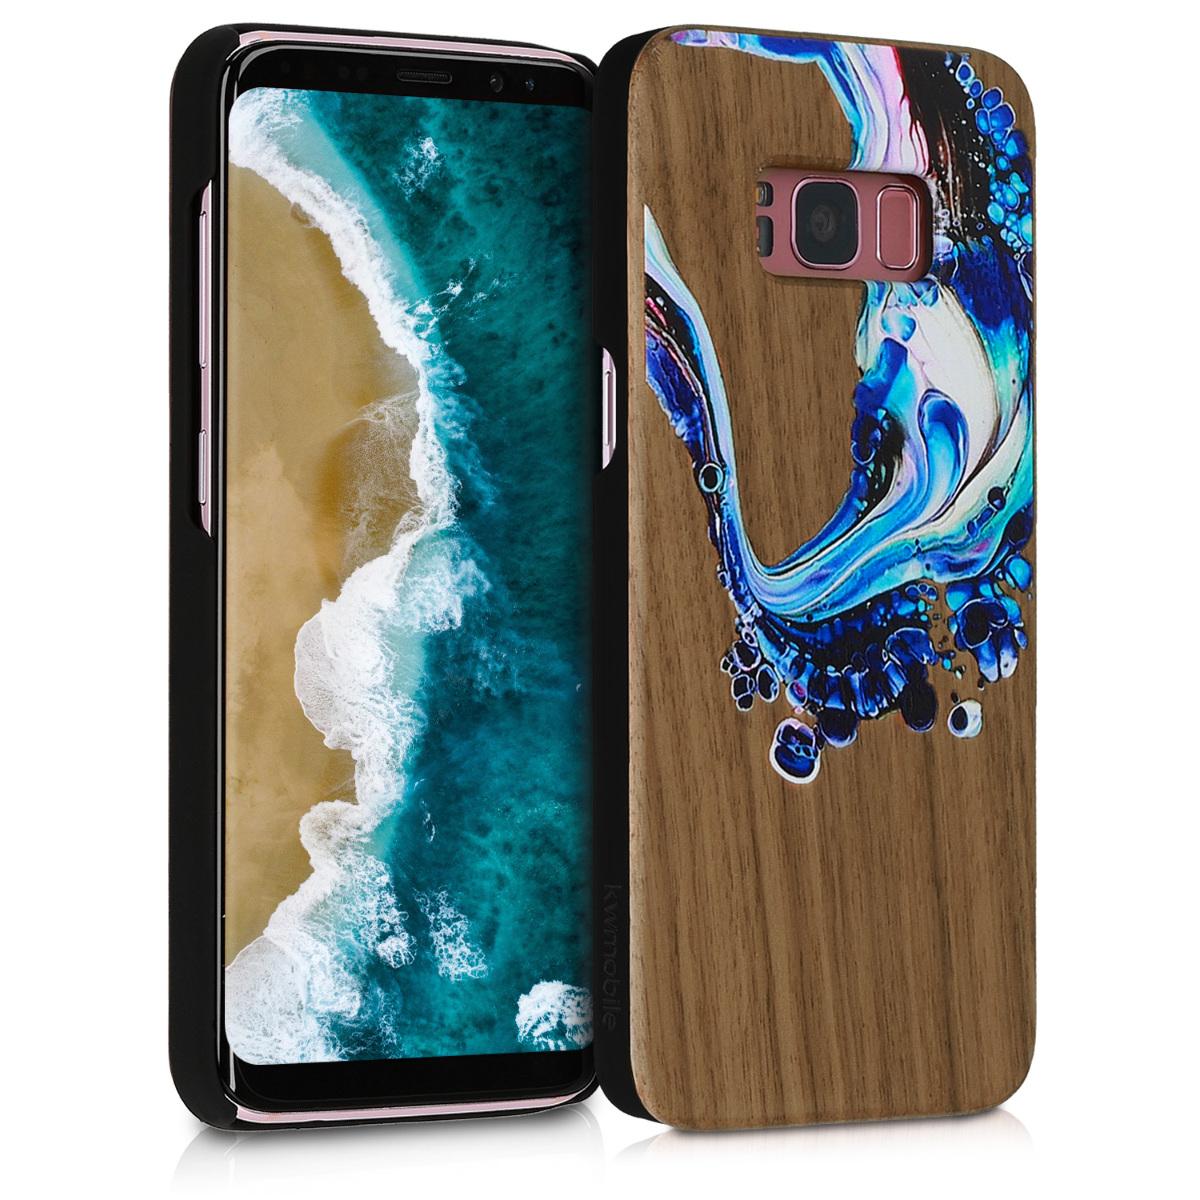 KW Ξύλινη Θήκη Samsung Galaxy S8 - Blue Wave / Brown (46074.03)